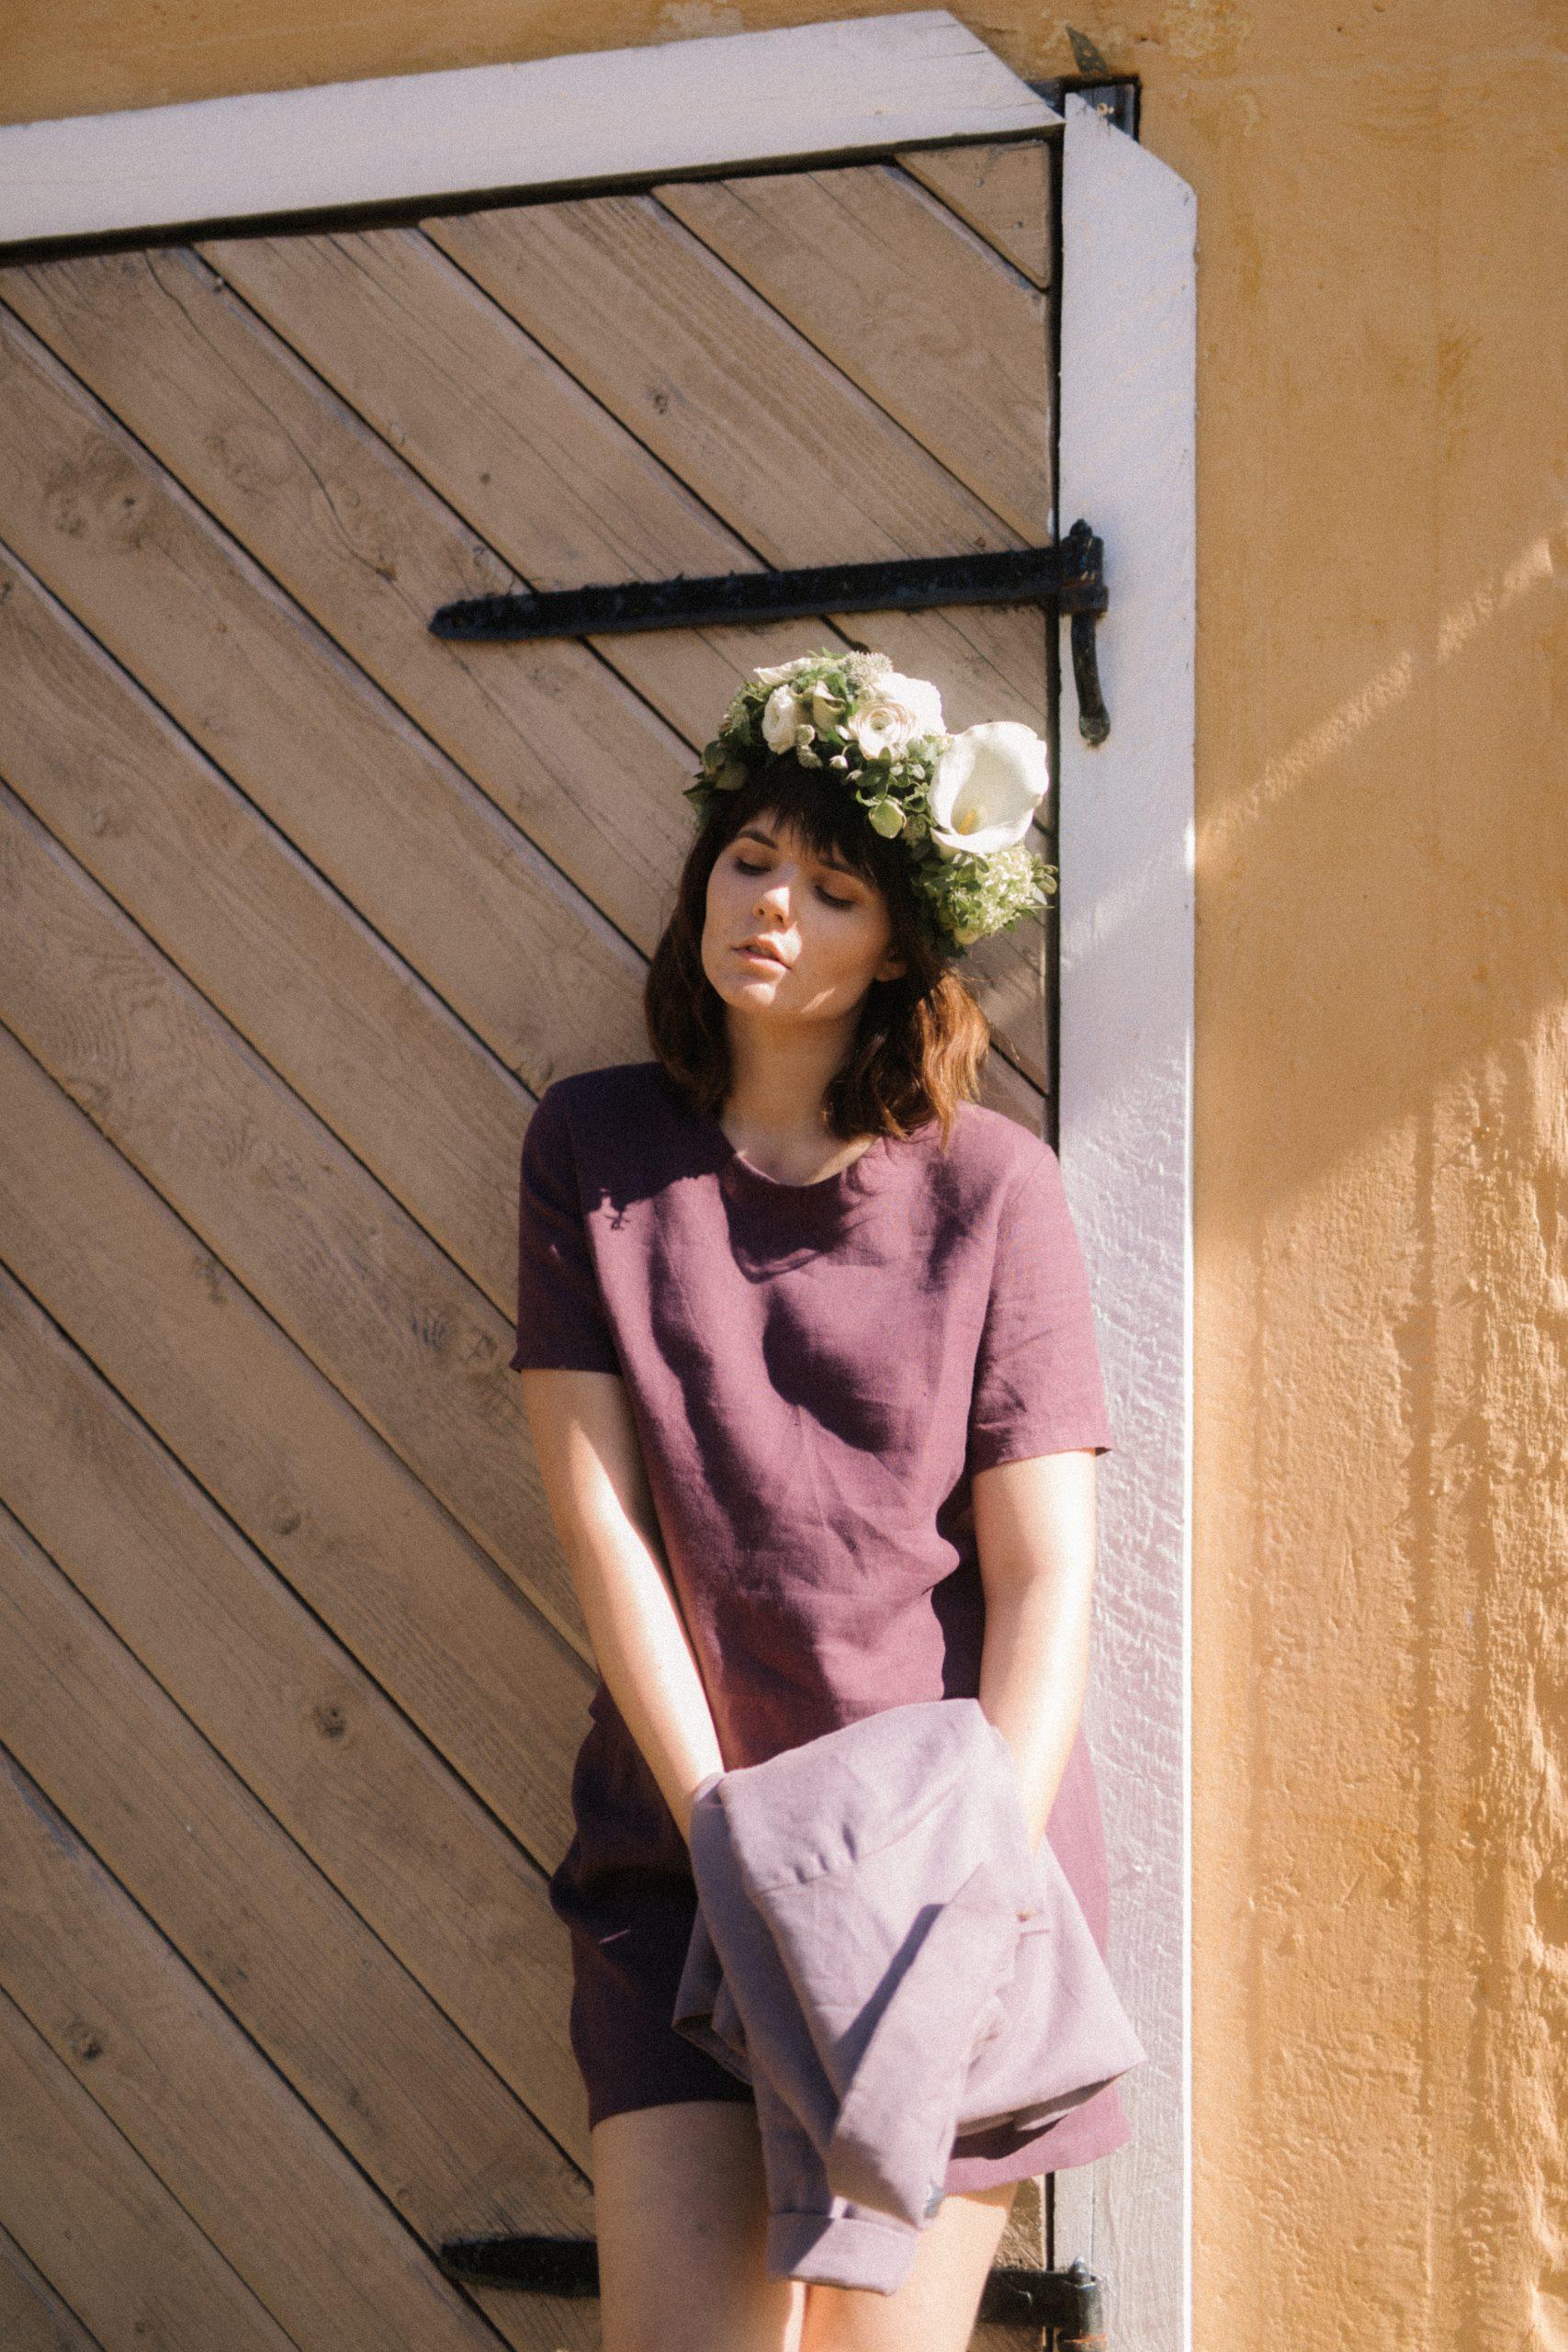 Kotimainen pellavatakki, pellava t-paita ja pellavashortsit ajattomaan kesäpukeutumiseen